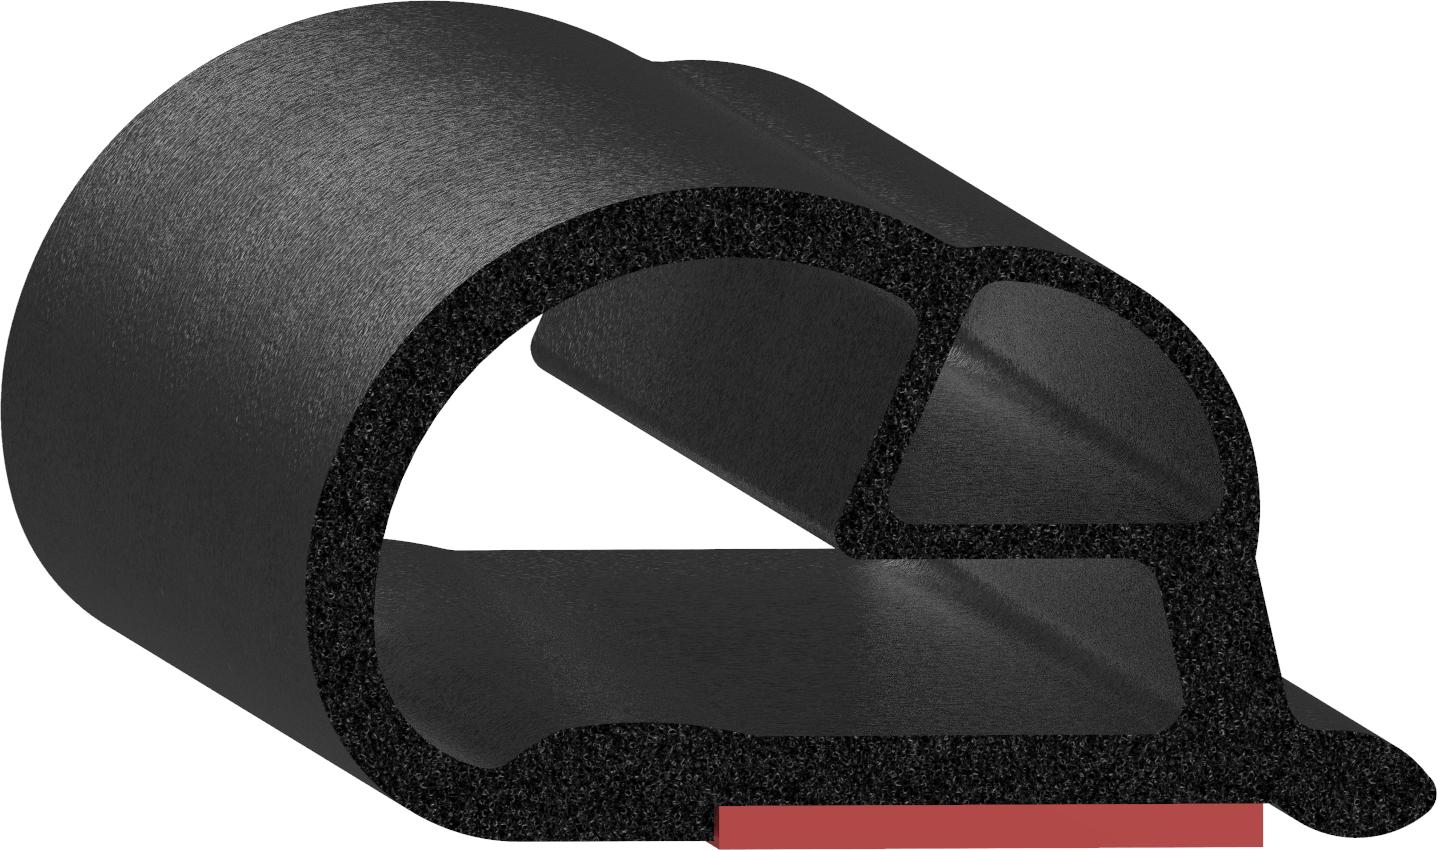 Uni-Grip part: PTL-817-T